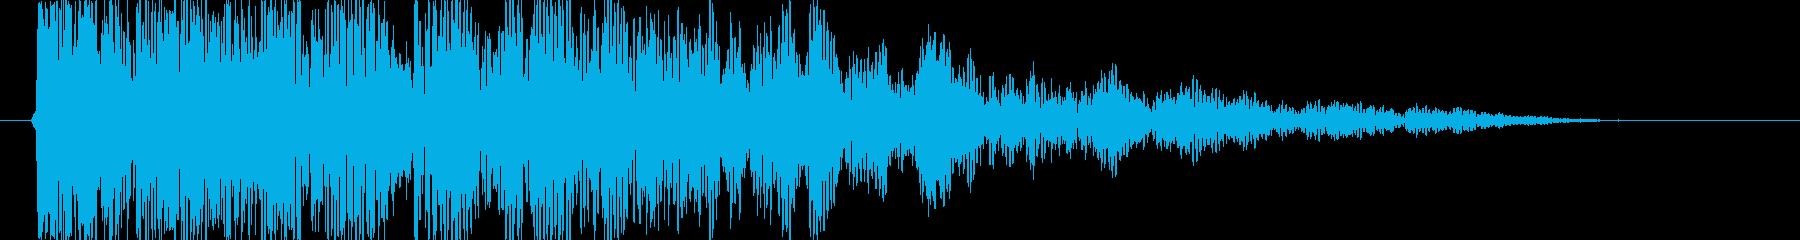 衝撃 エアストライク29の再生済みの波形